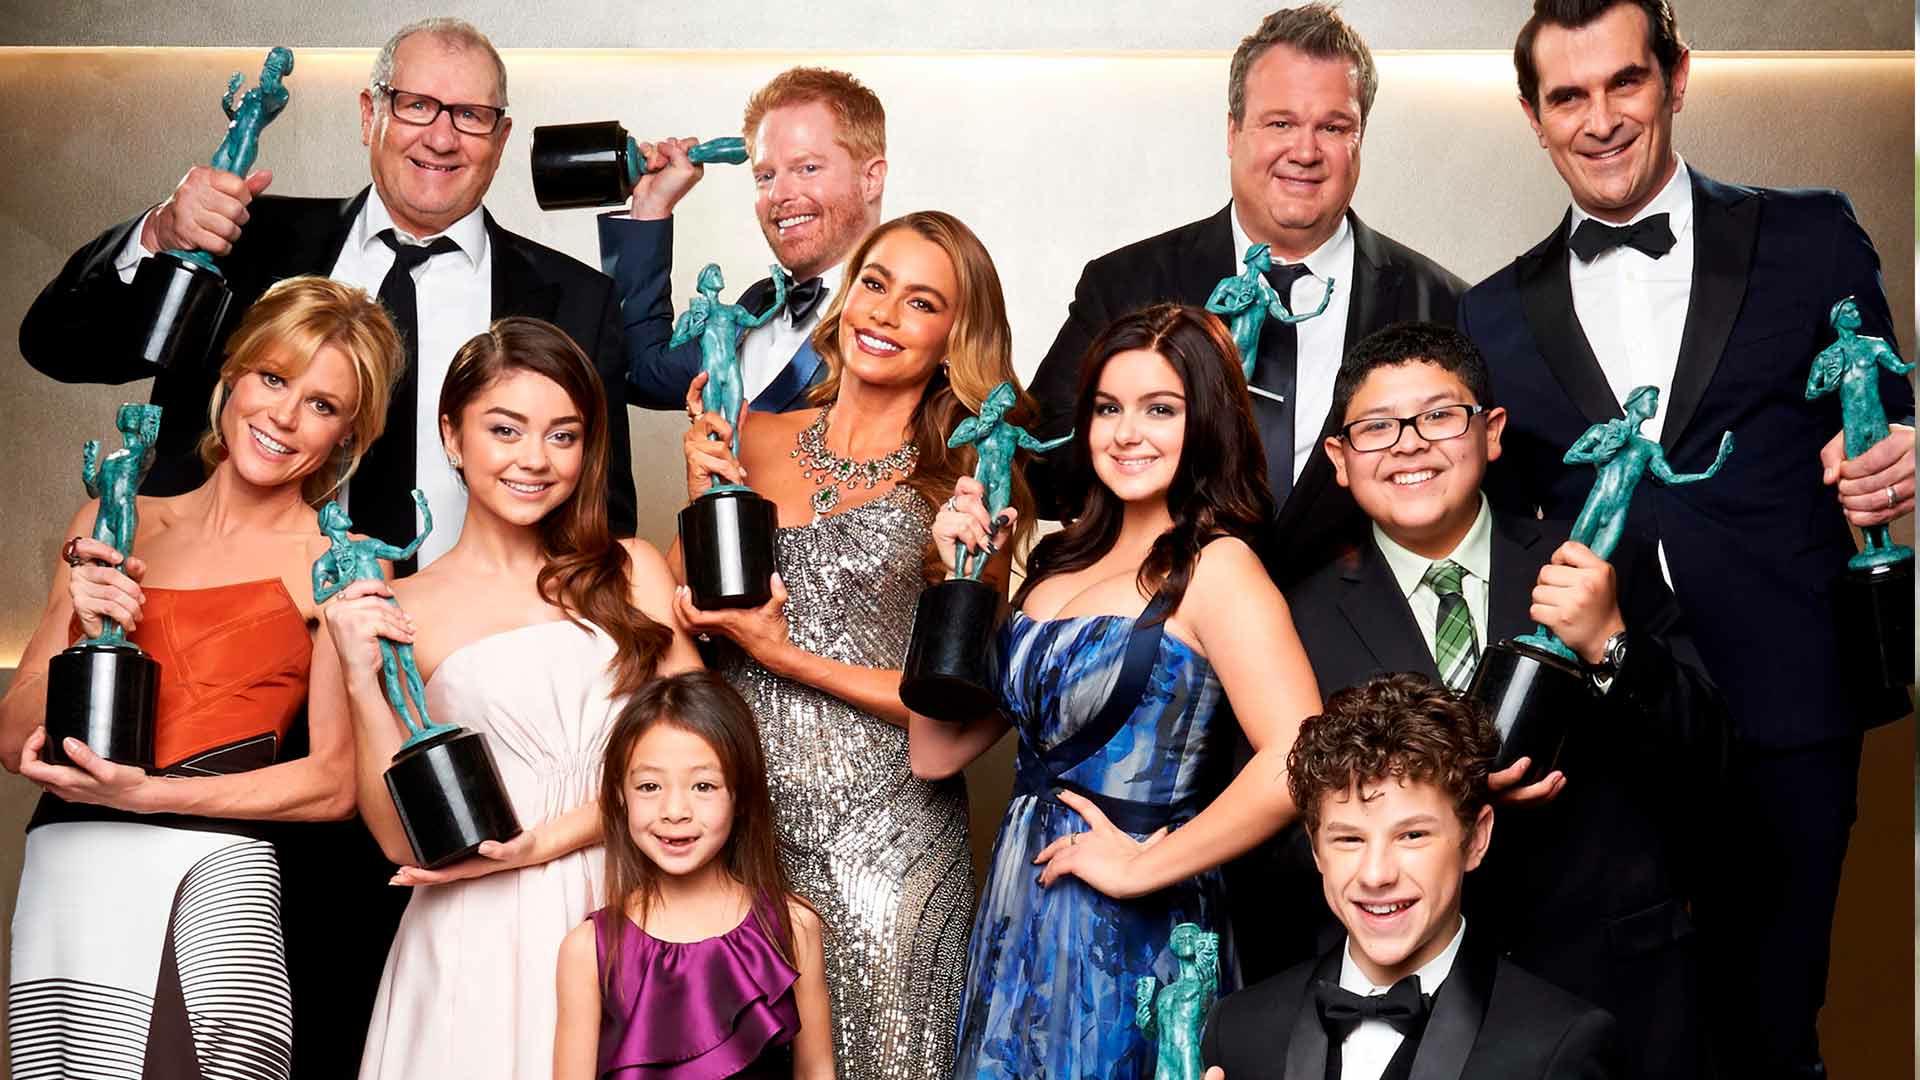 El fin de 'Modern Family': así han cambiado sus actores tras 11 años en antena